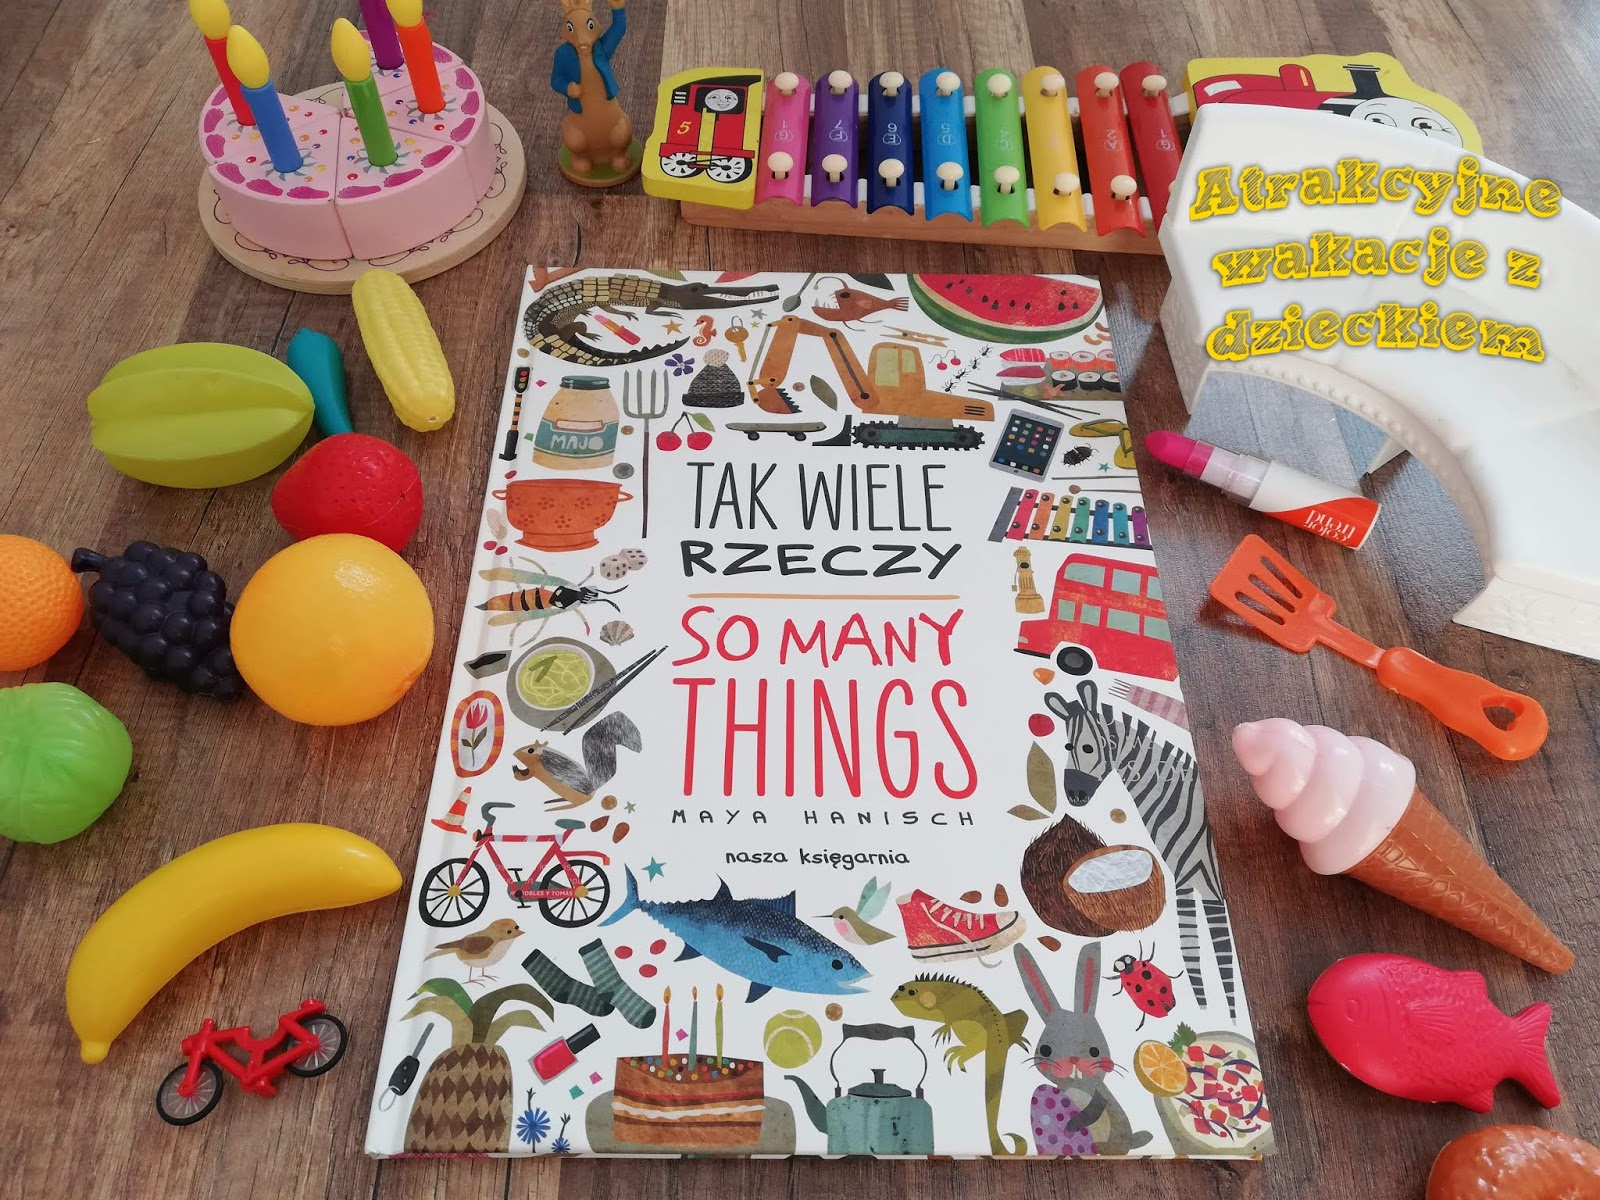 Tak wiele rzeczy - Wydawnictwo Nasza Księgarnia